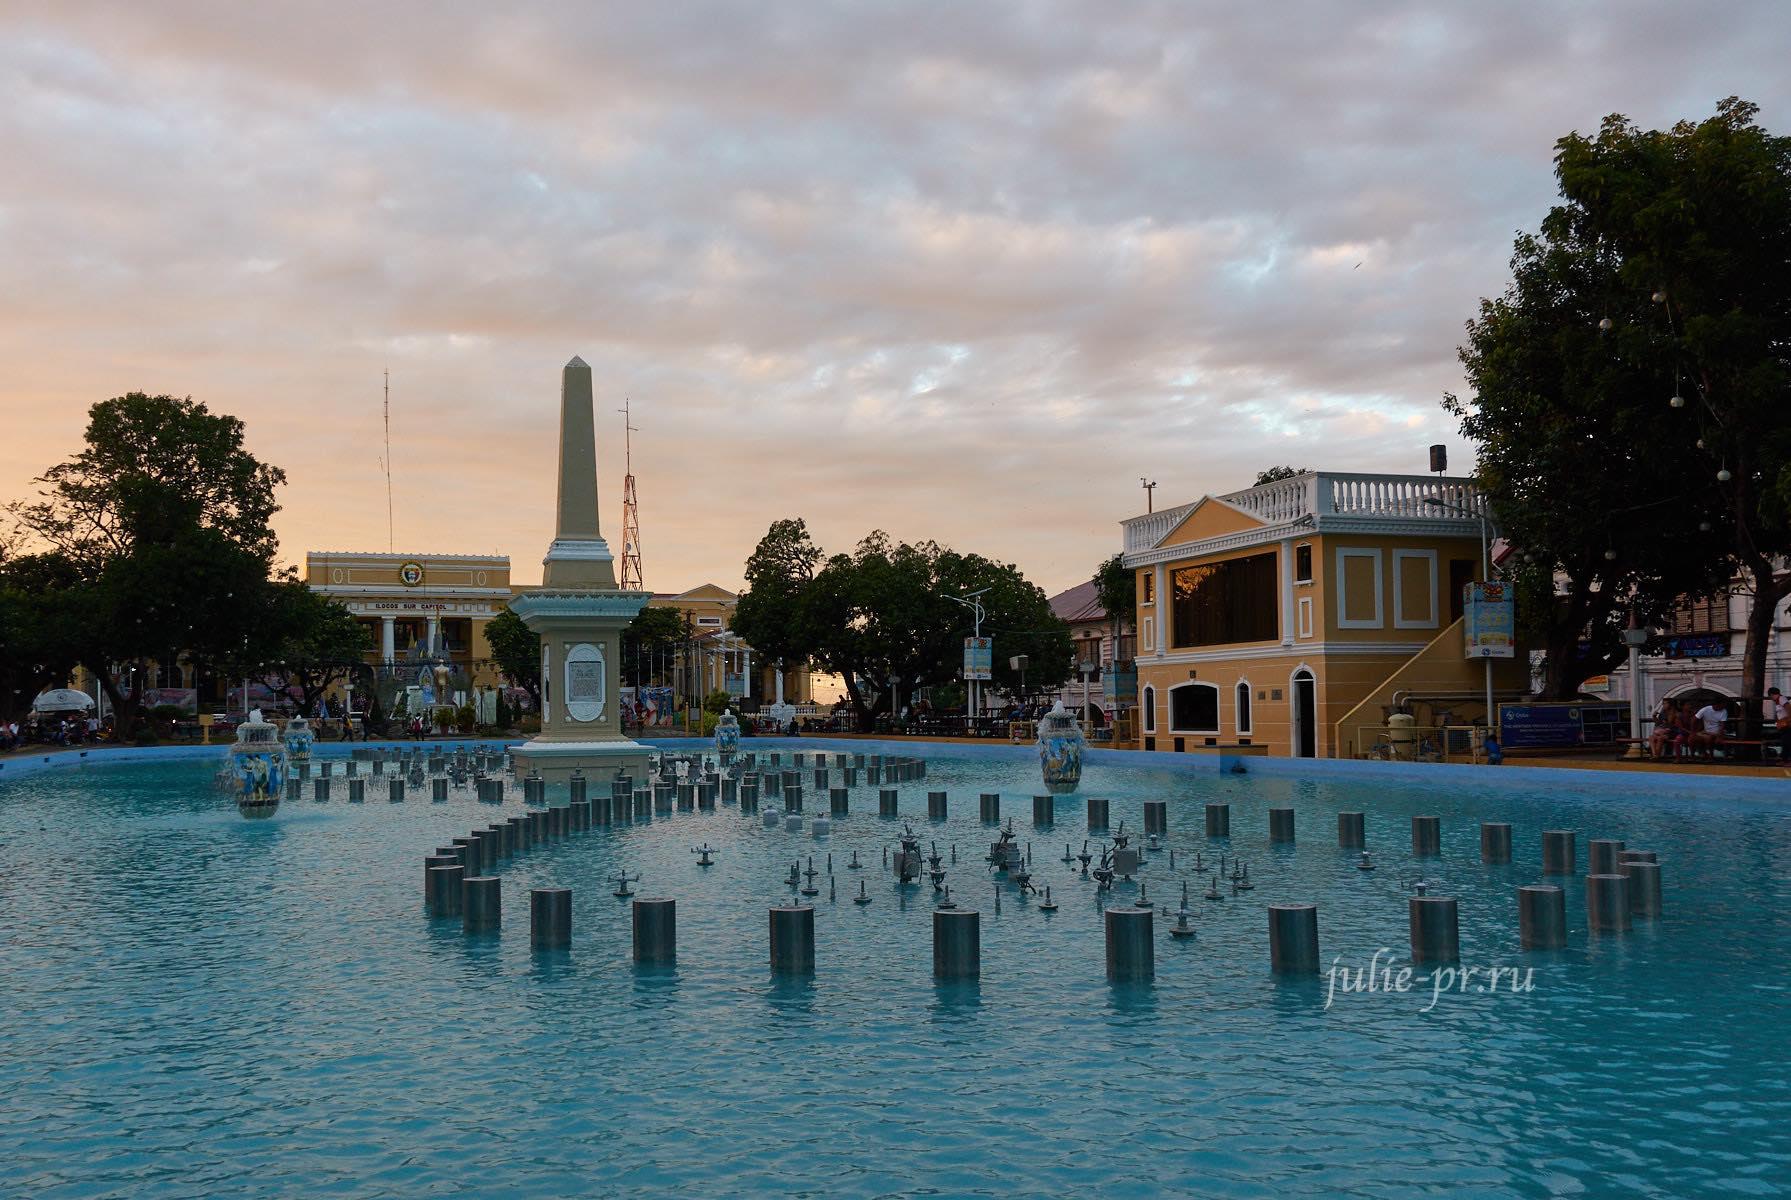 Филиппины, Виган, фонтан